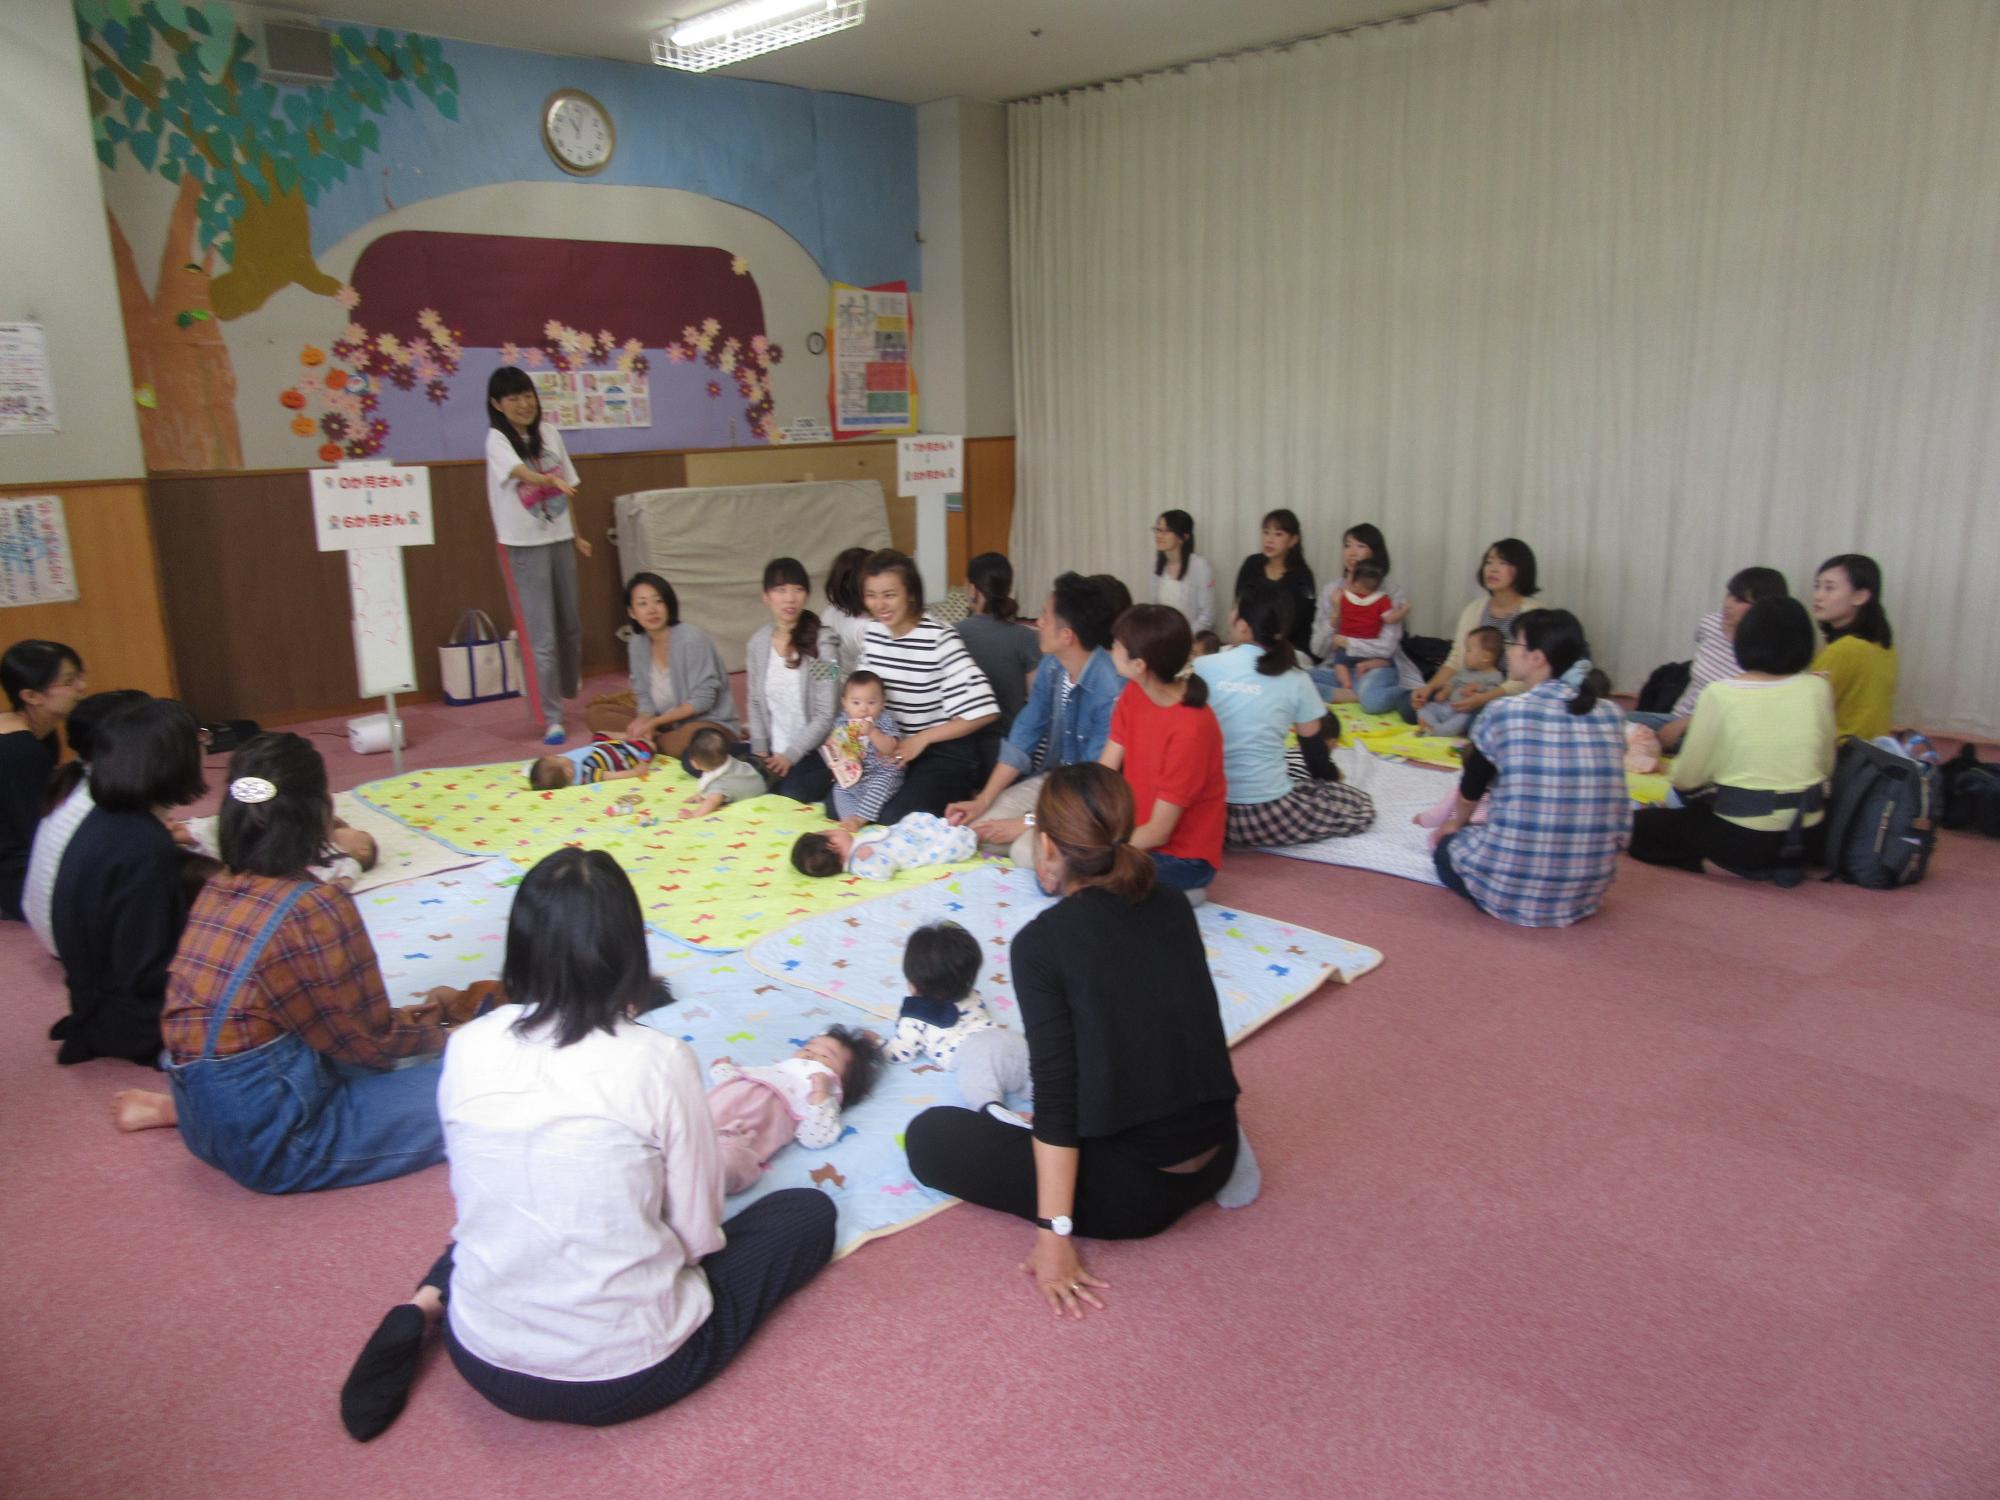 神戸市立六甲道児童館「赤ちゃんのお部屋」(0~8か月程度)